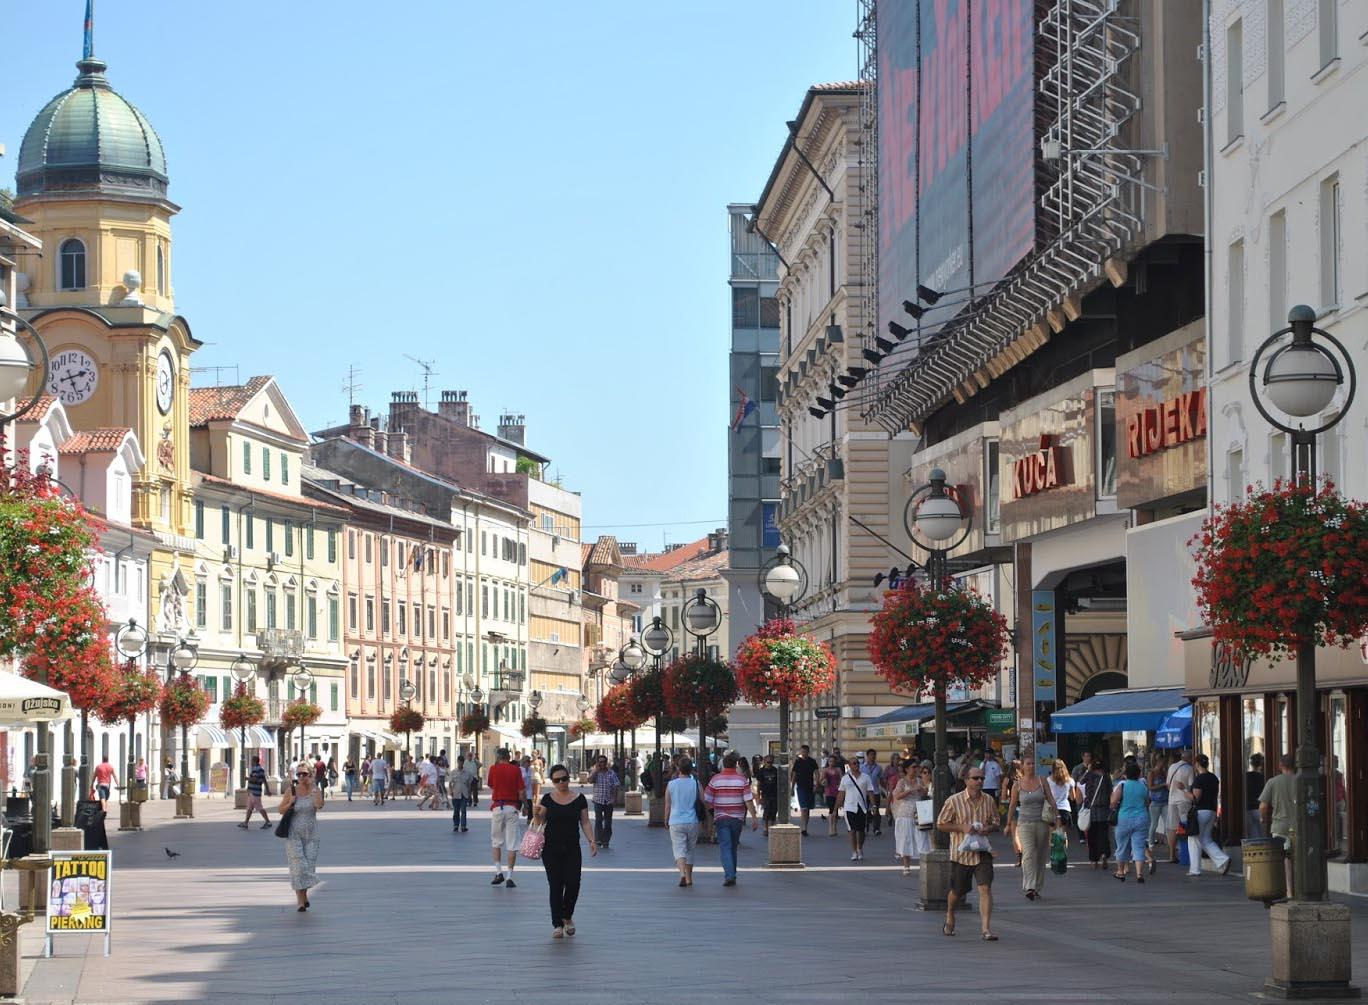 Pošalji mi razglednicu, neću SMS, po azbuci - Page 21 Rijeka_croatia_3